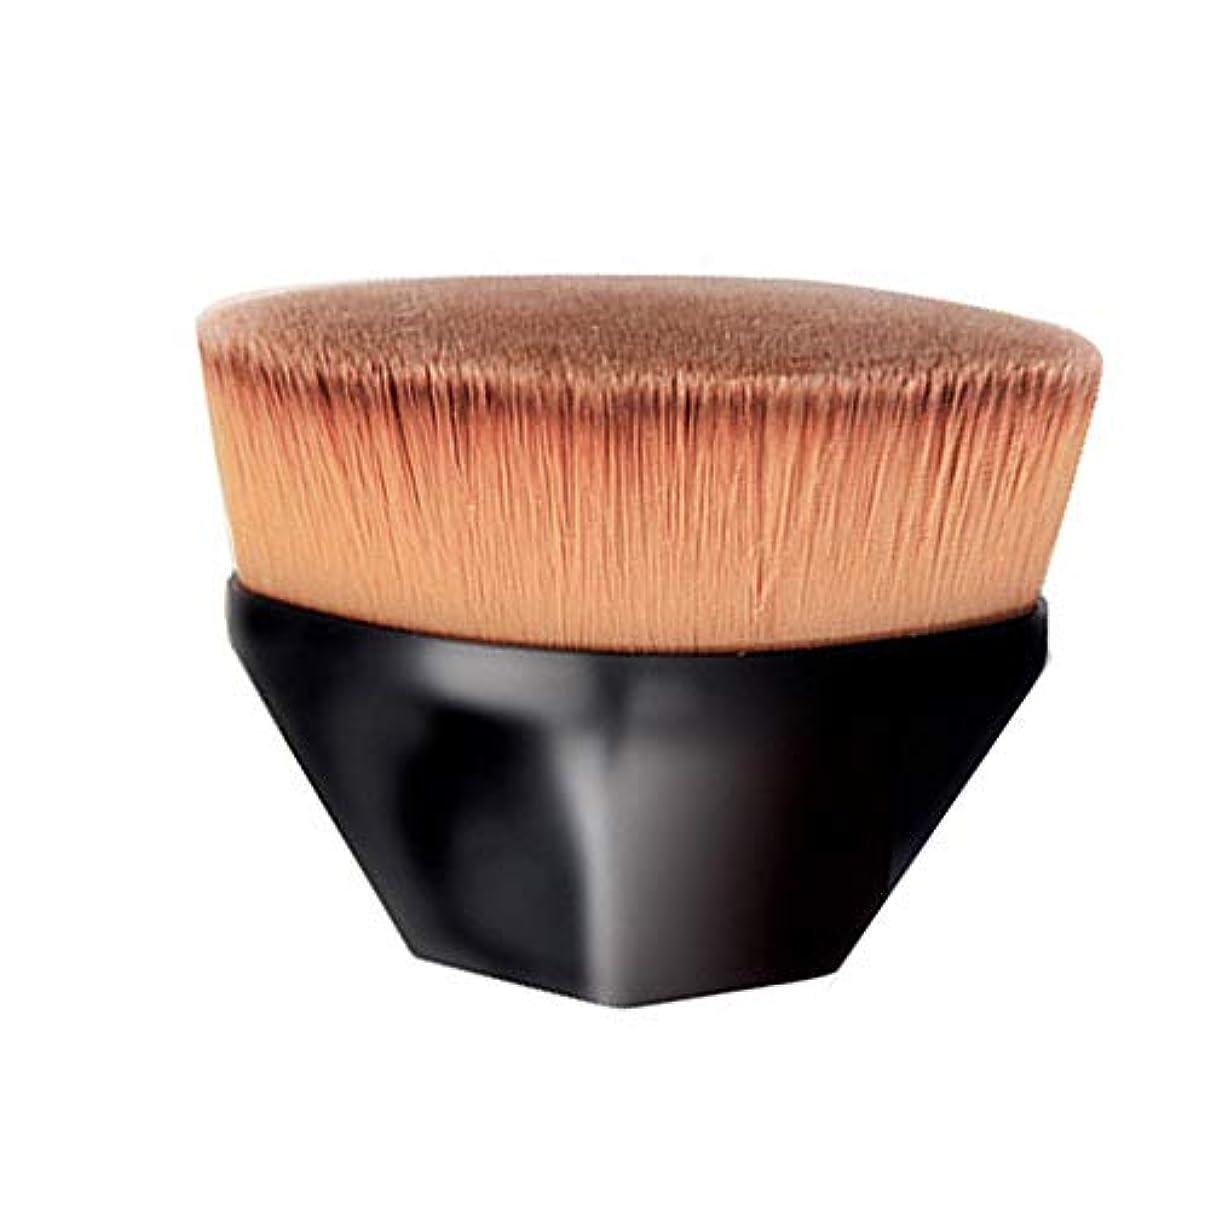 描く確認する安価なYuJiny メイクアップブラシ 粧ブラシ 可愛い 化粧筆 肌に優しい ファンデーションブラシ アイシャドウブラシ 携帯便利 (ブラック)